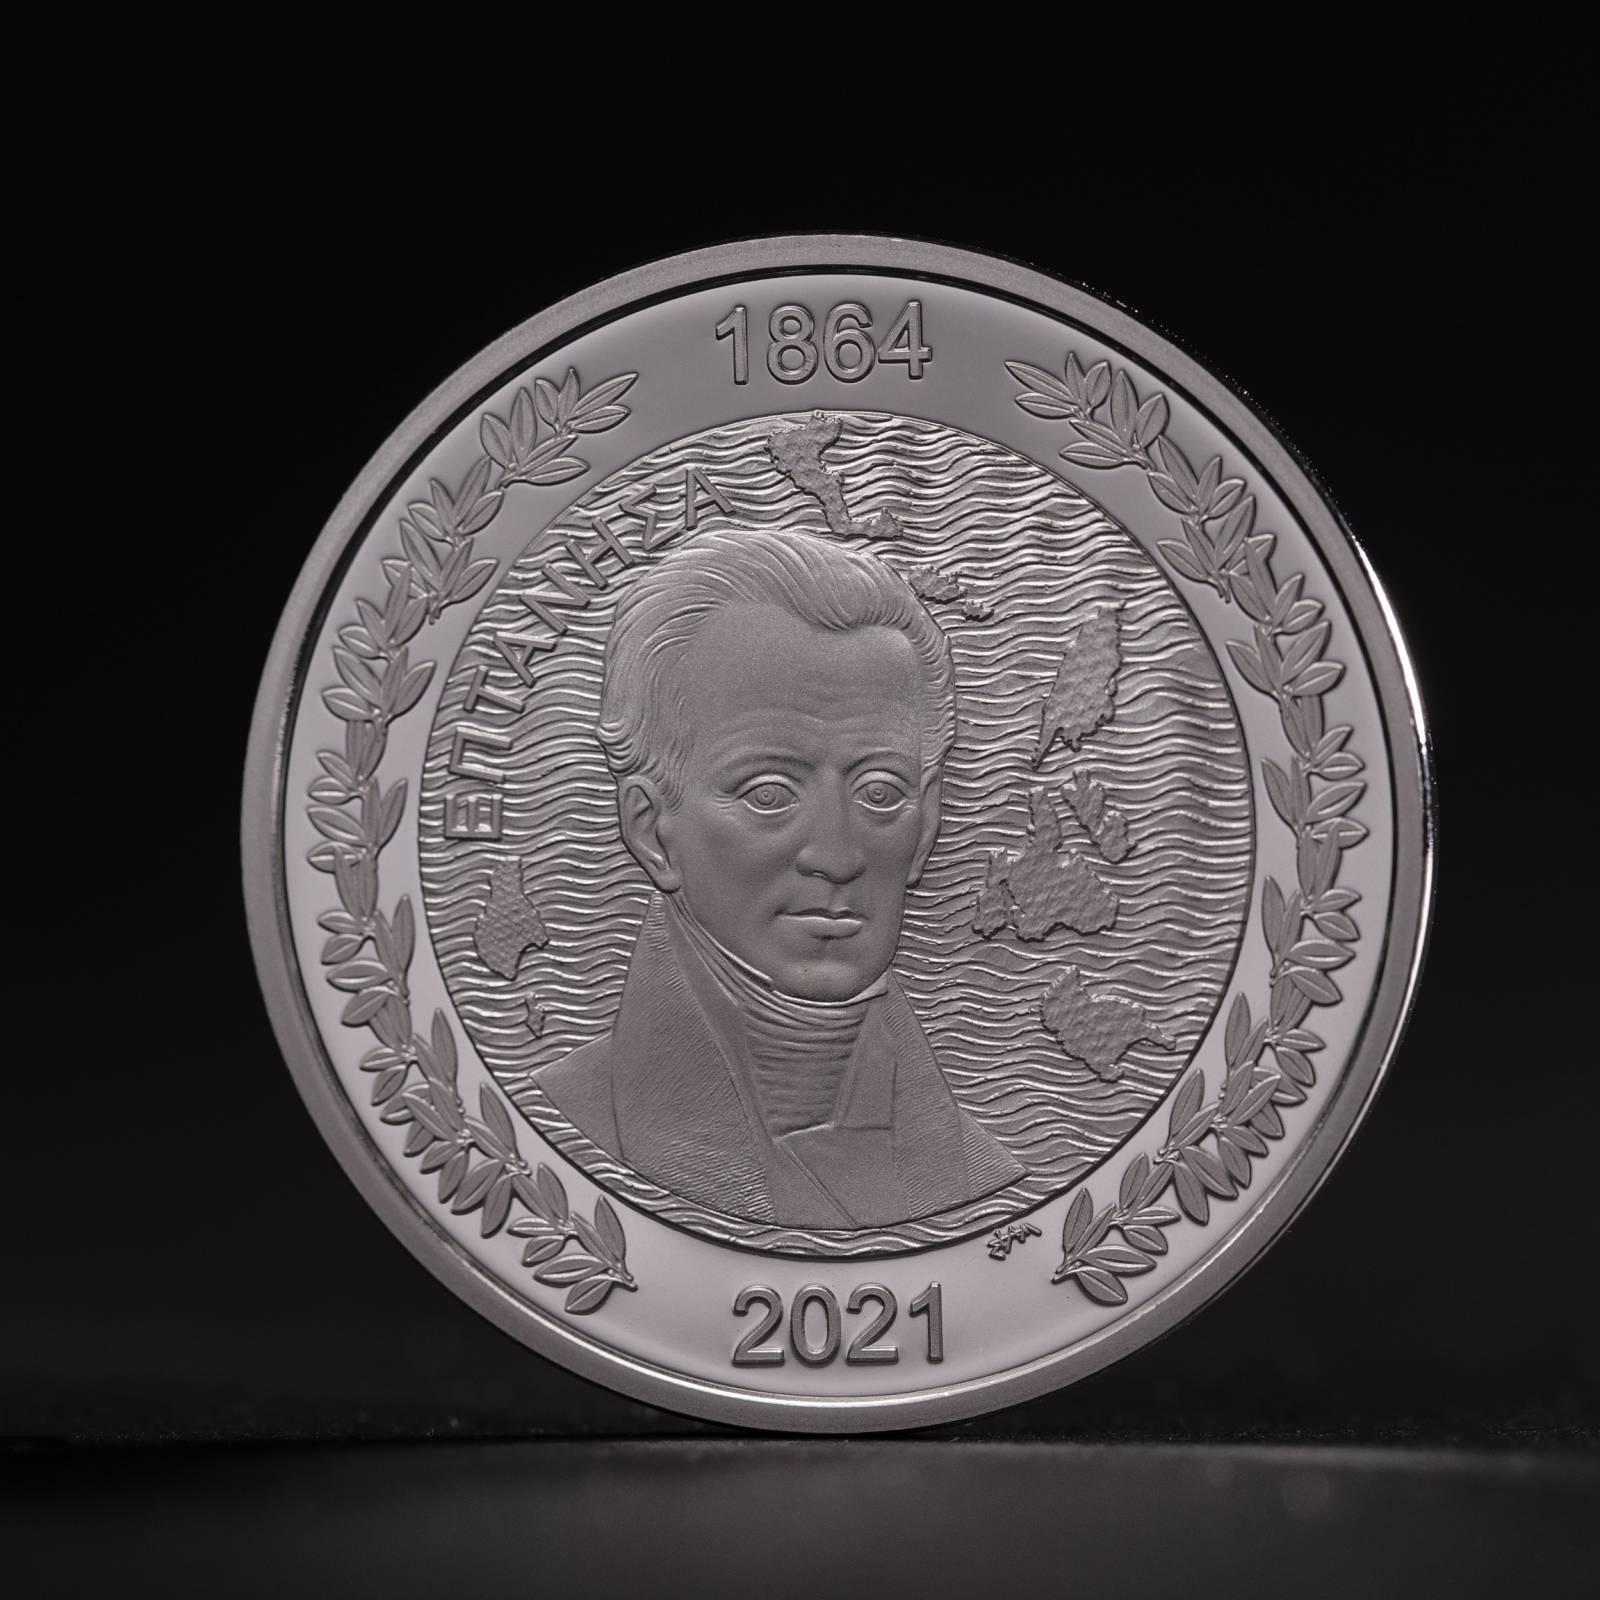 Το Νομισματικό Πρόγραμμα της Επιτροπής «Ελλάδα 2021» για τα 200 χρόνια μετά την Επανάσταση